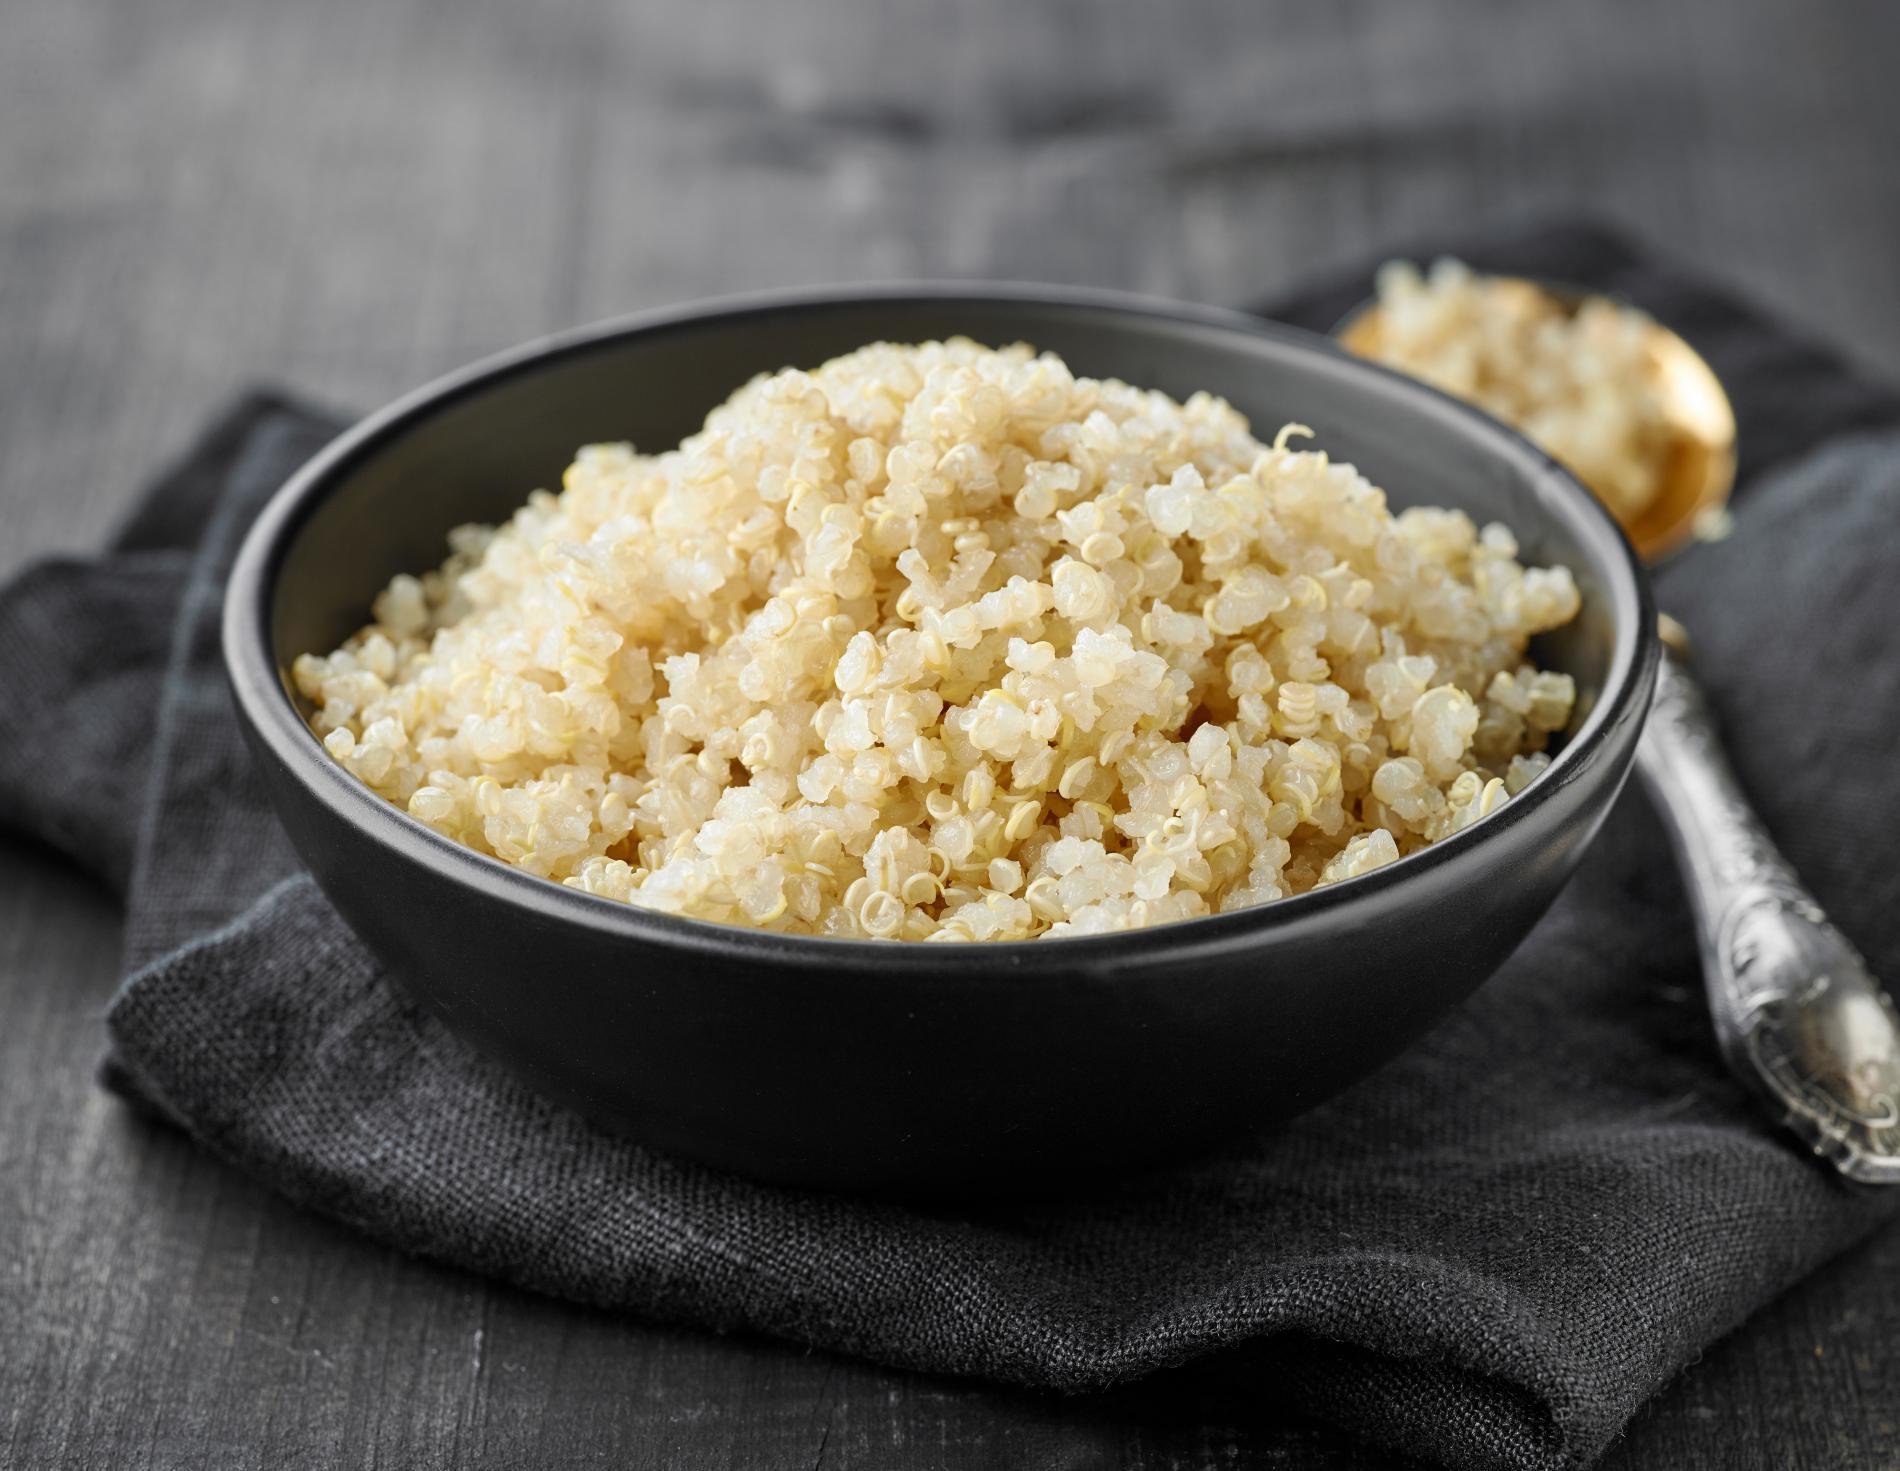 Les Erreurs à éviter Pour Réussir La Cuisson De Son Quinoa Cuisine